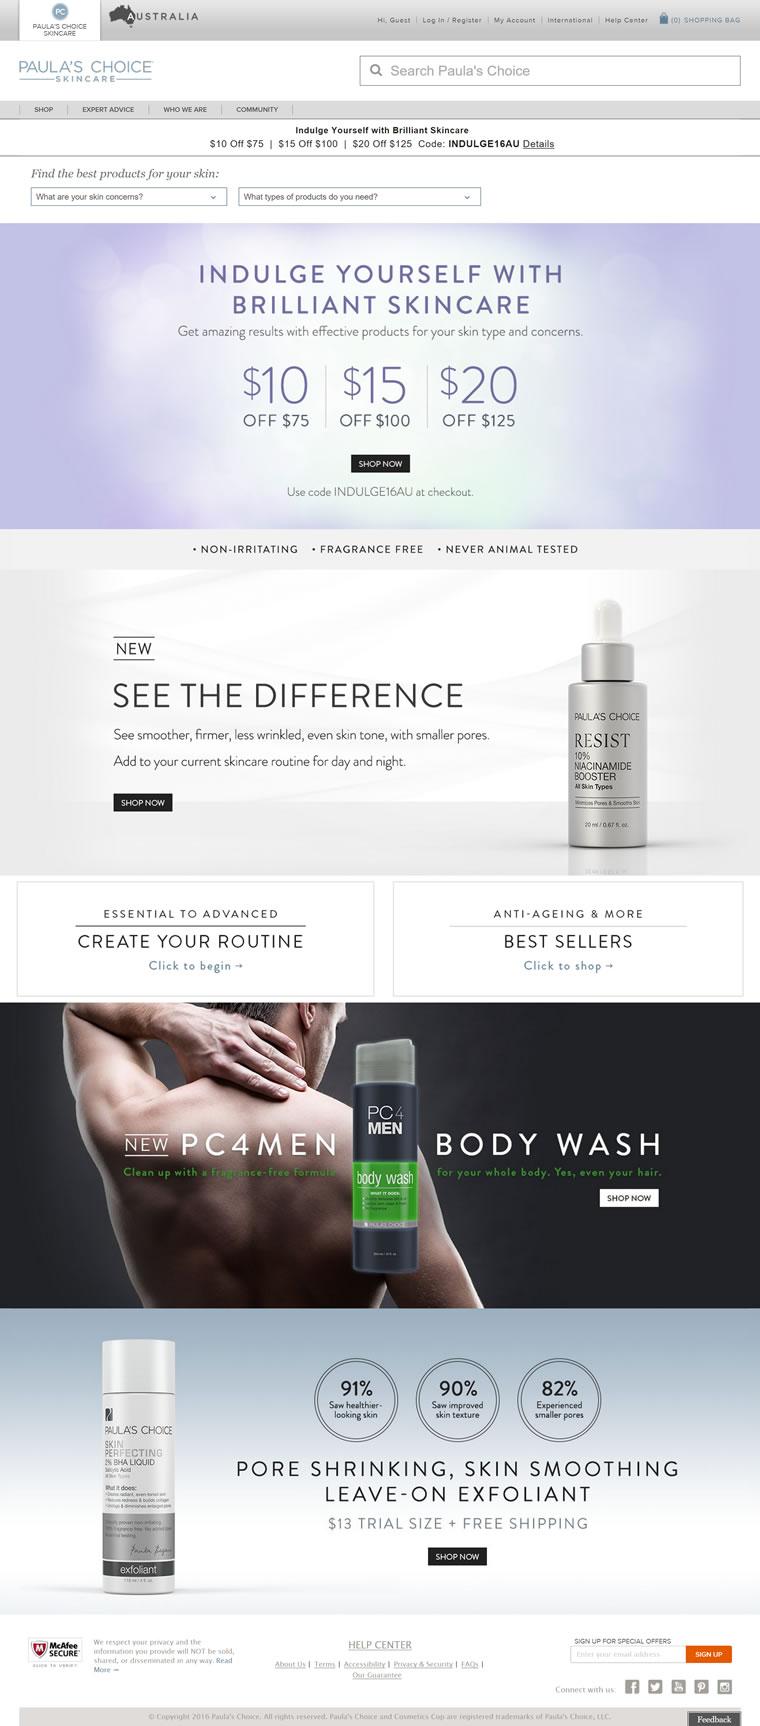 宝拉珍选澳大利亚官方购物网站:Paula's Choice澳大利亚